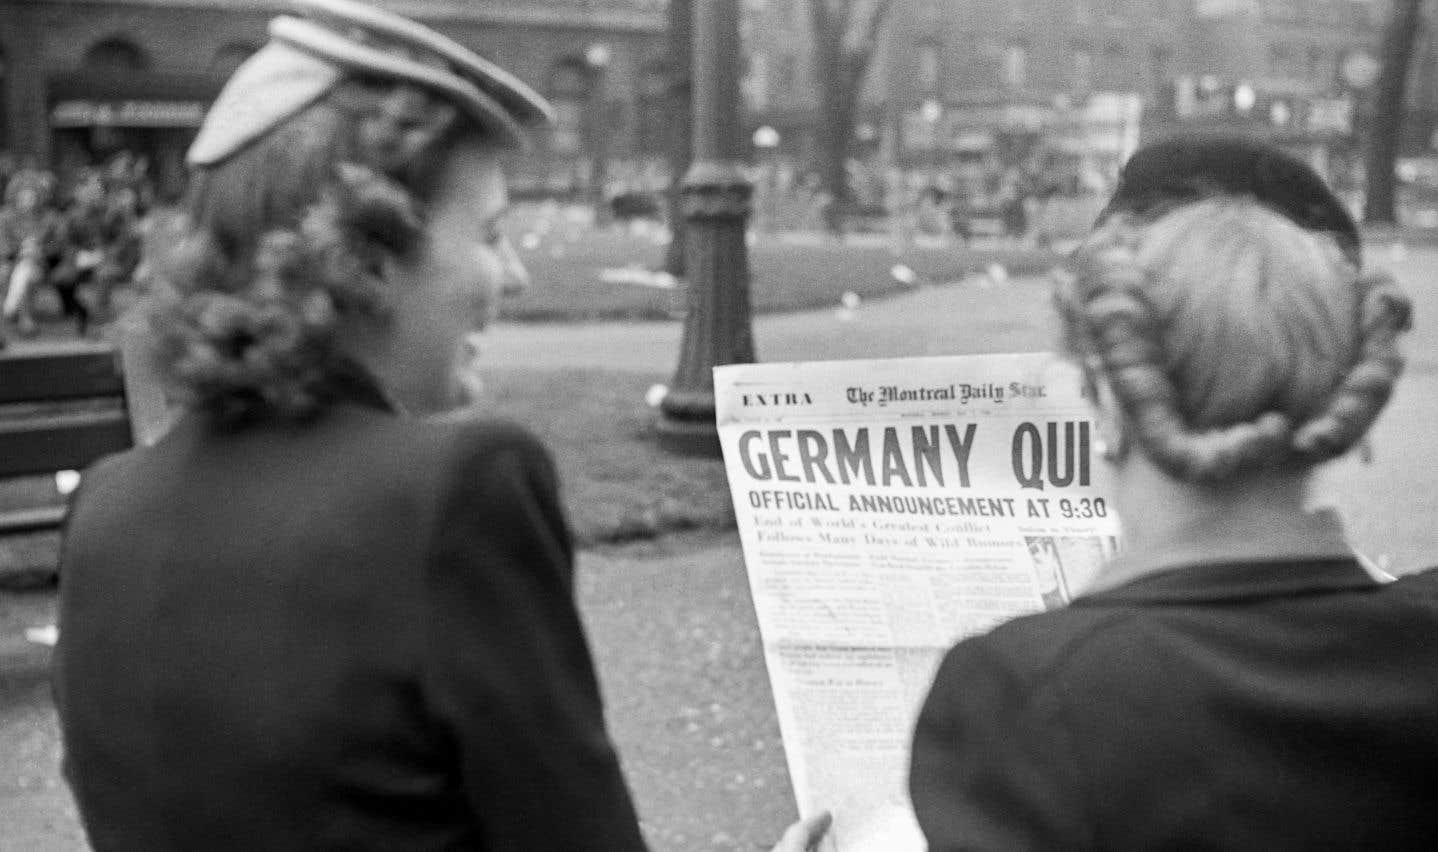 La Seconde Guerre mondiale est terminée. C'est la victoire des Alliés sur l'Allemagne nazie qui capitule, rapporte le «Montreal Star», un quotidien anglophone qui a fermé ses portes en 1979. Conrad Poirier immortalise l'événement dans un parc de la métropole.